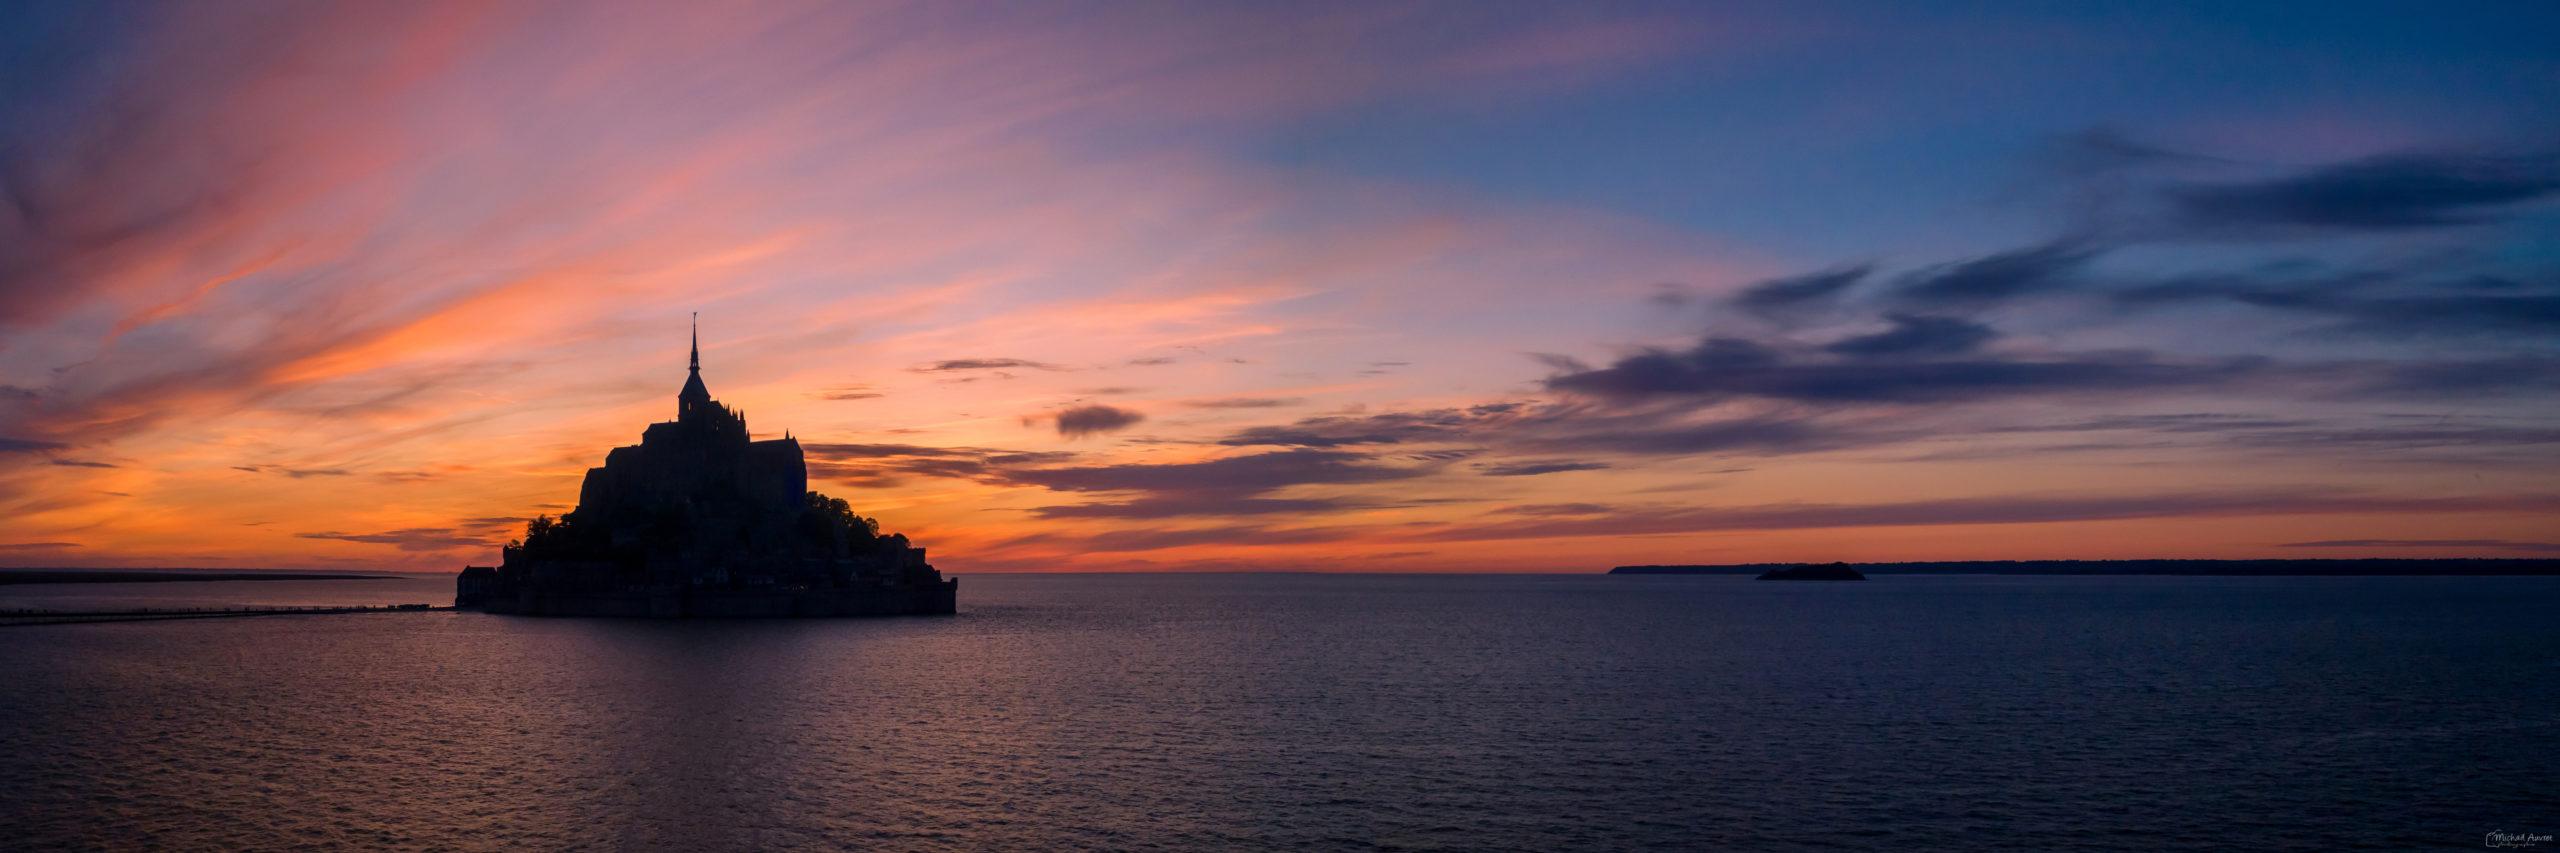 sunset mont saint michel coucher de soleil